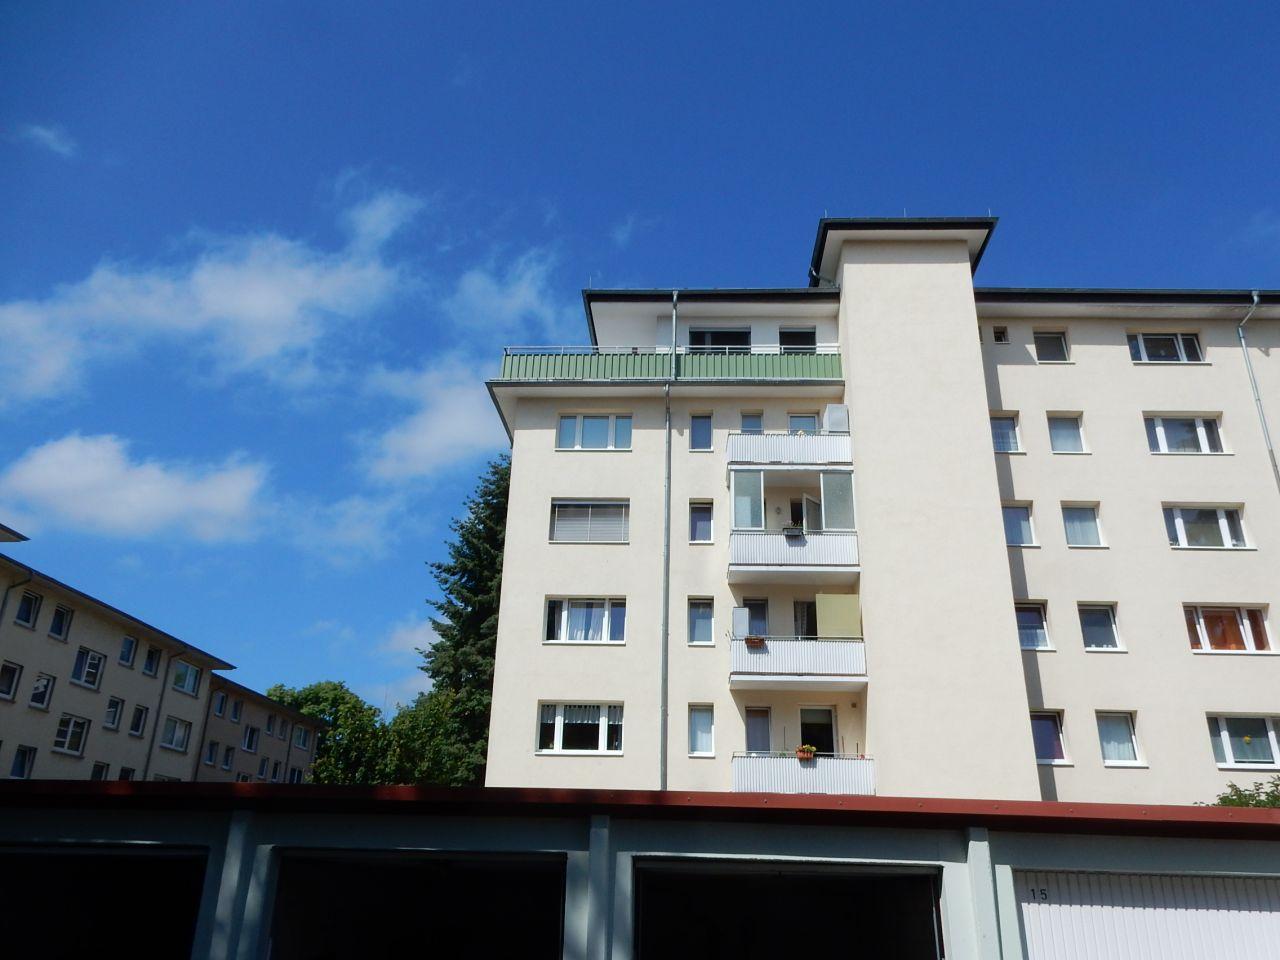 Blick zur Wohnung